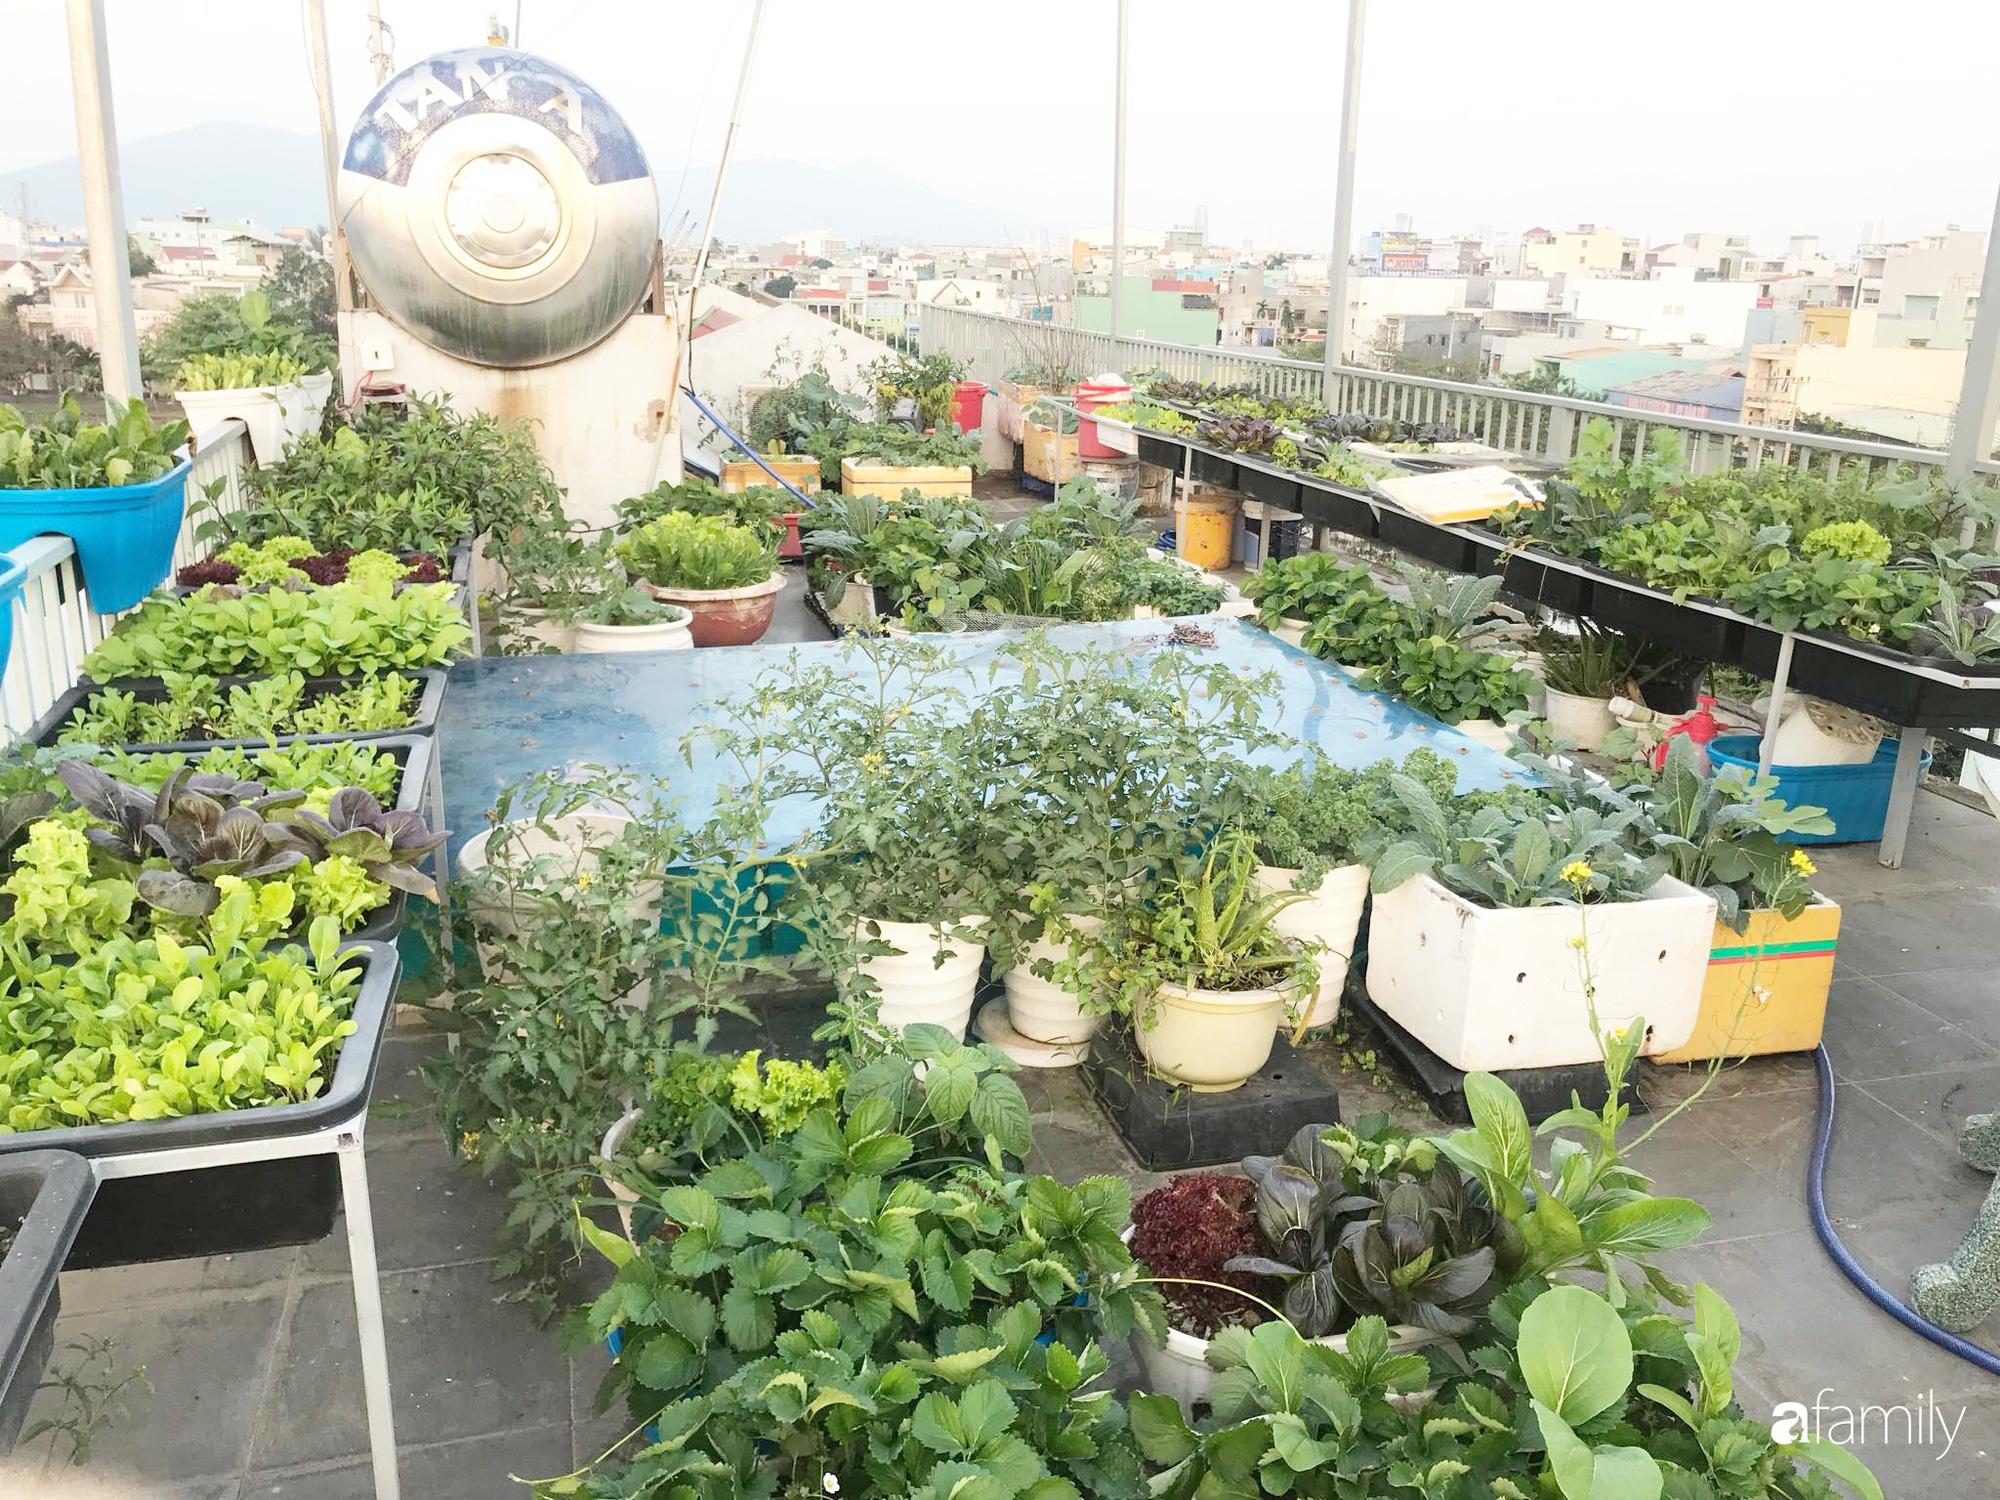 Mong con được ăn ru sạch hàng ngày, bà mẹ Đà Nẵng trồng cả sân thượng tươi tốt nhờ kinh nghiệm đơn giản - Ảnh 1.